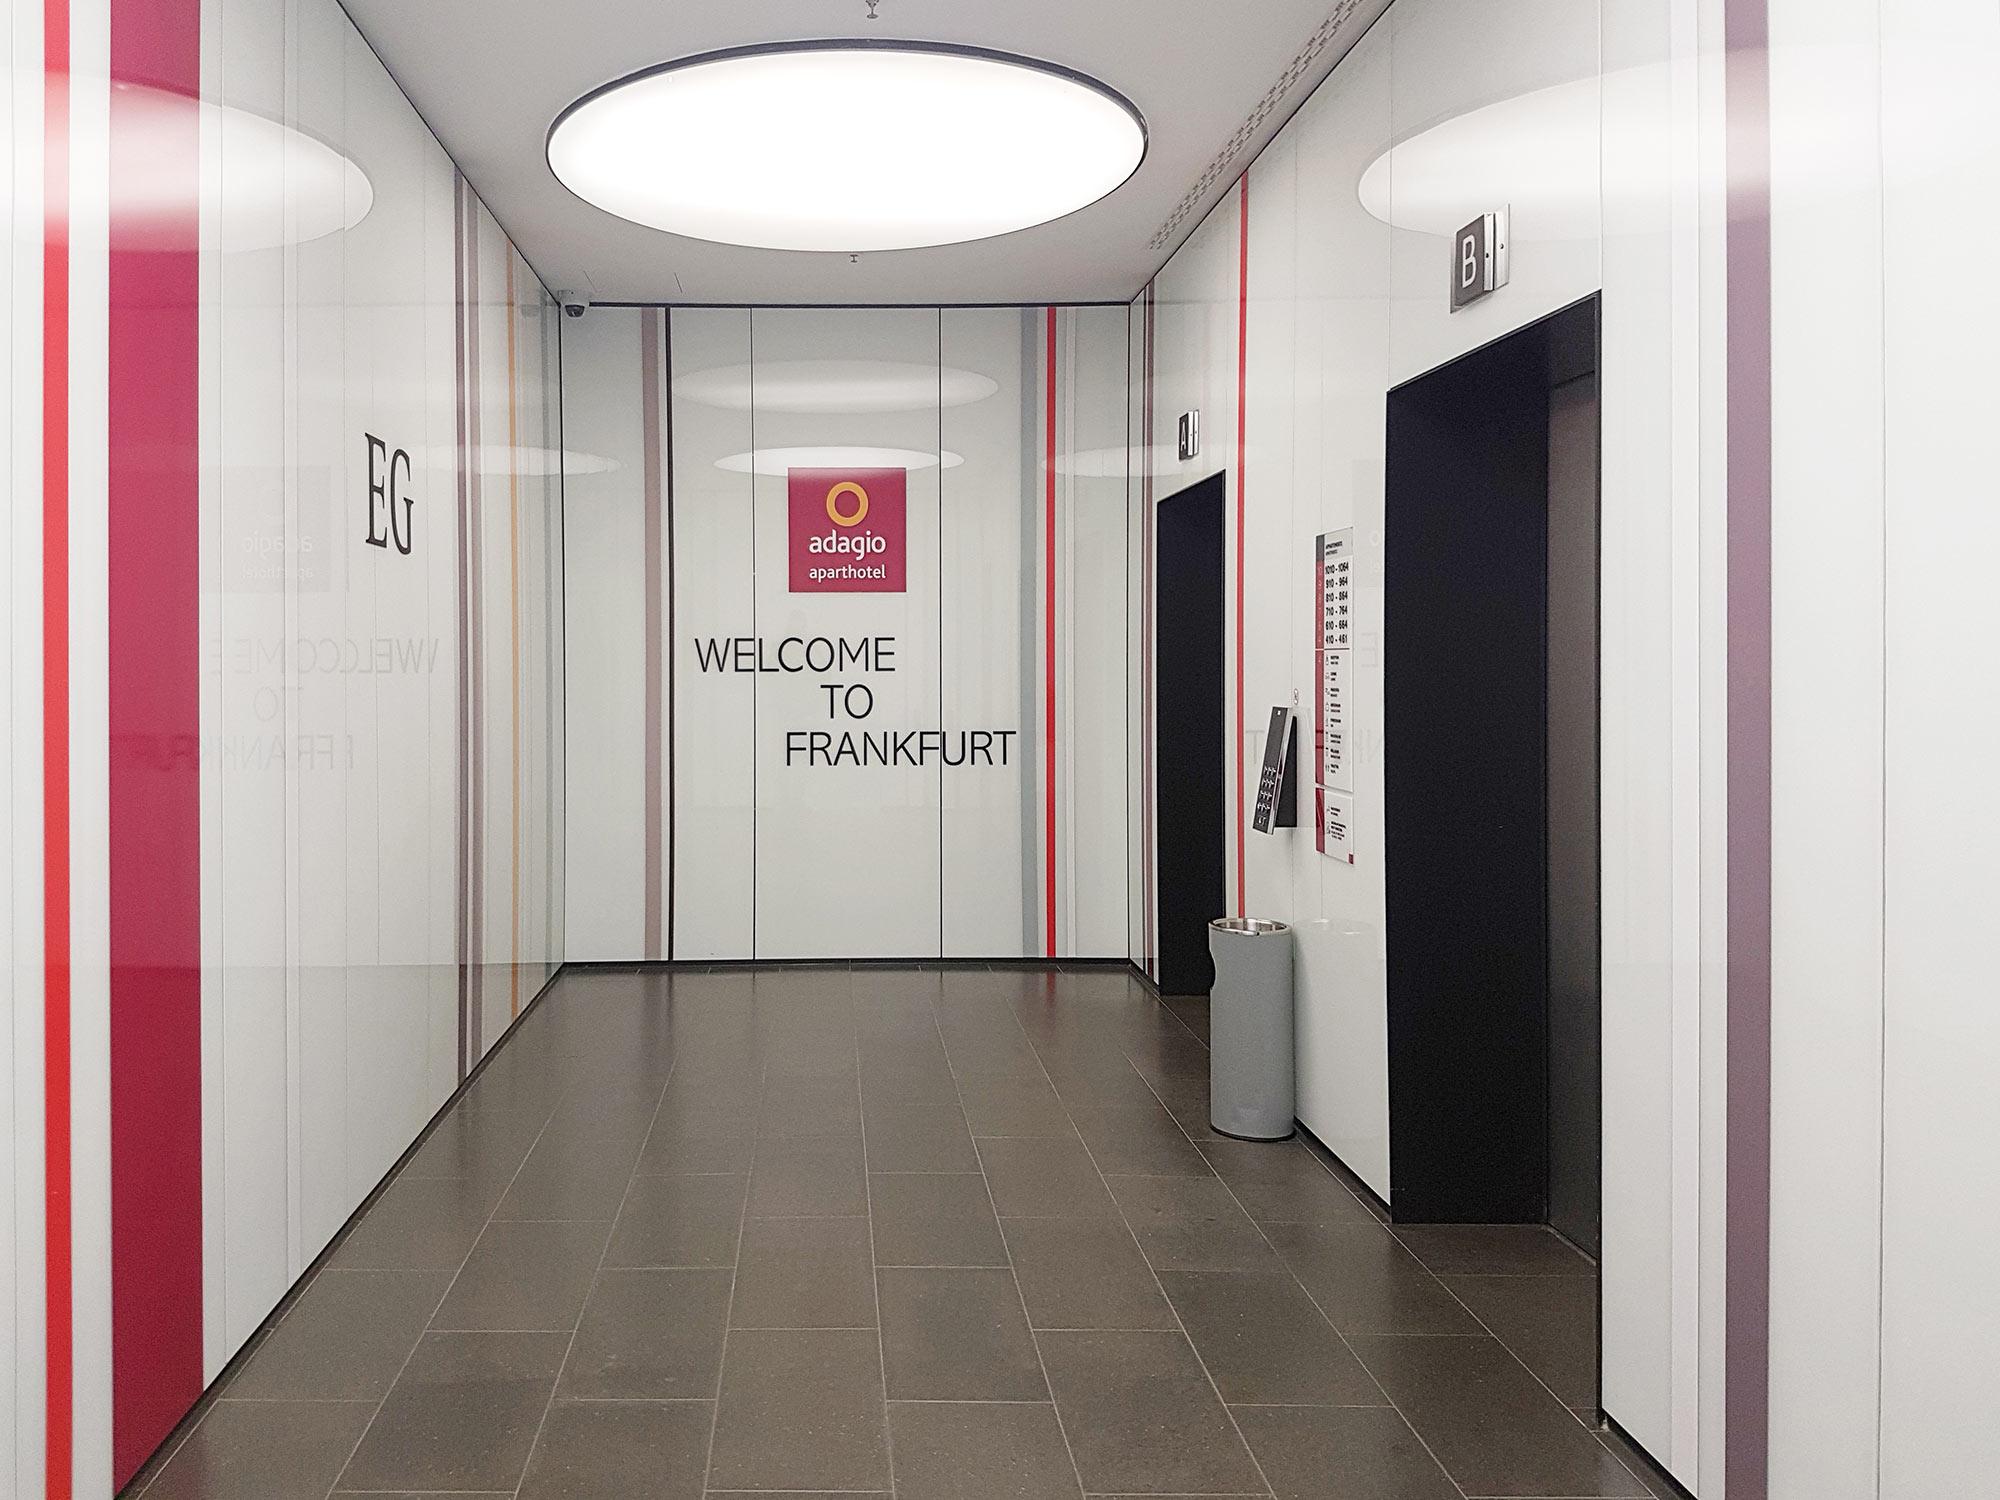 Aparthotel Adagio Frankfurt - Aufzüge von KONE - Frankfurt Westend Gate Hochhaus Hotel